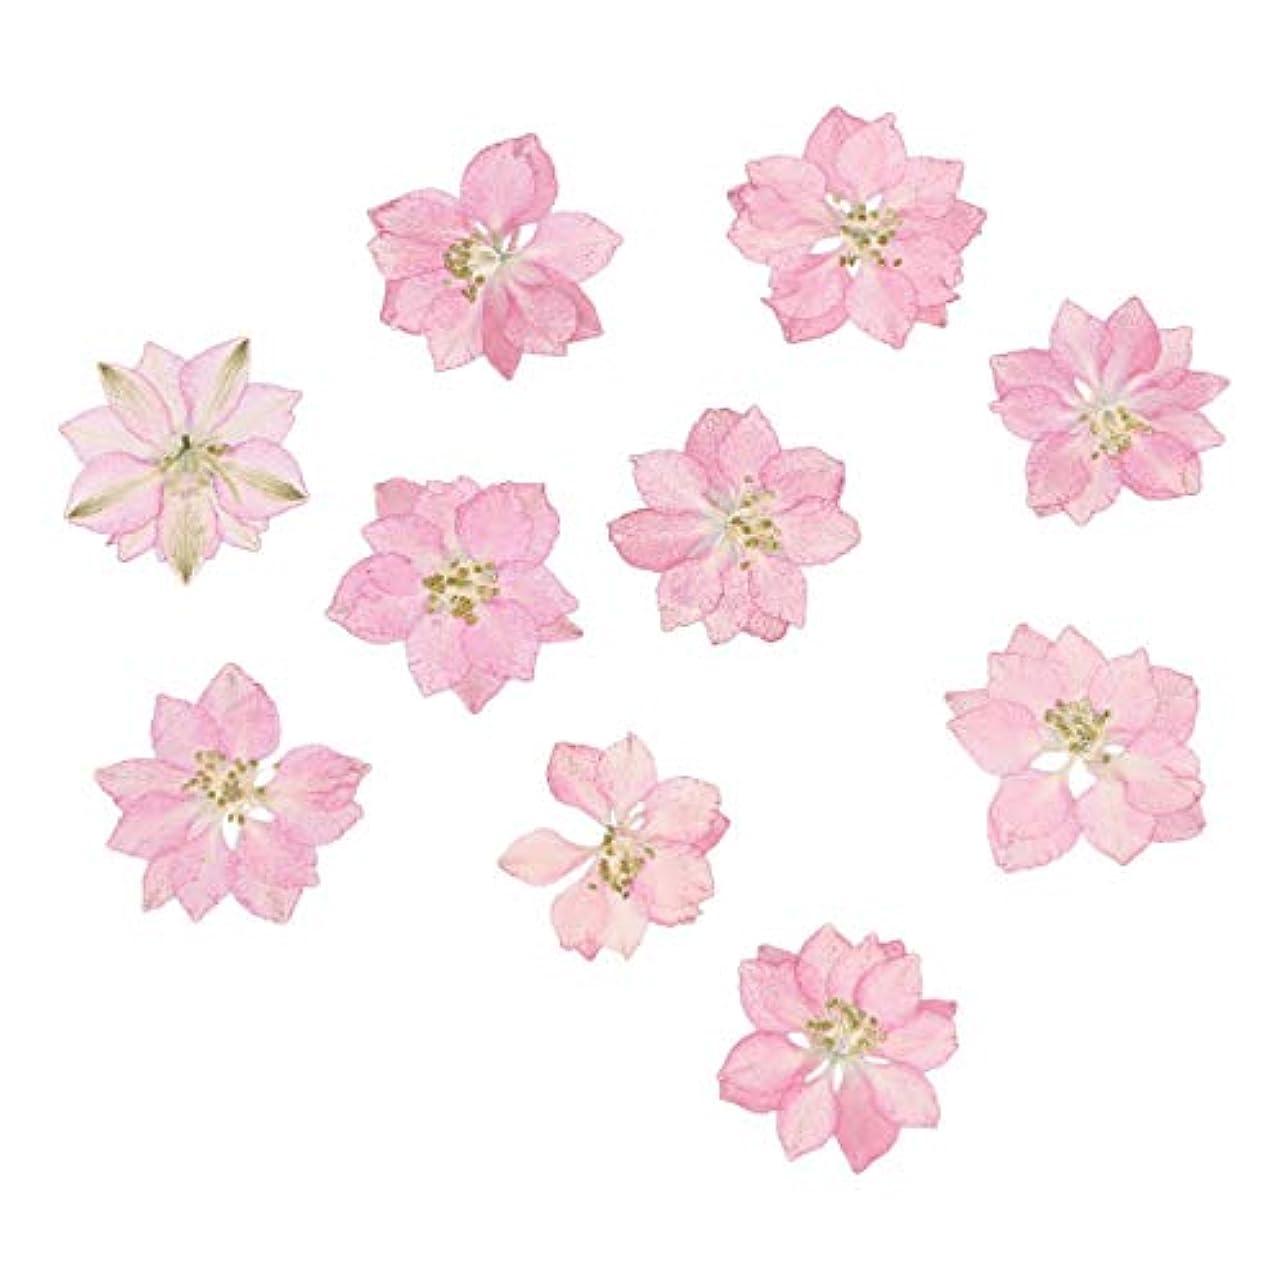 永久にバッチ悩むHEALLILY リアルドライ押花天然花飾り用diyジュエリーペンダント電話ケースカード20ピース